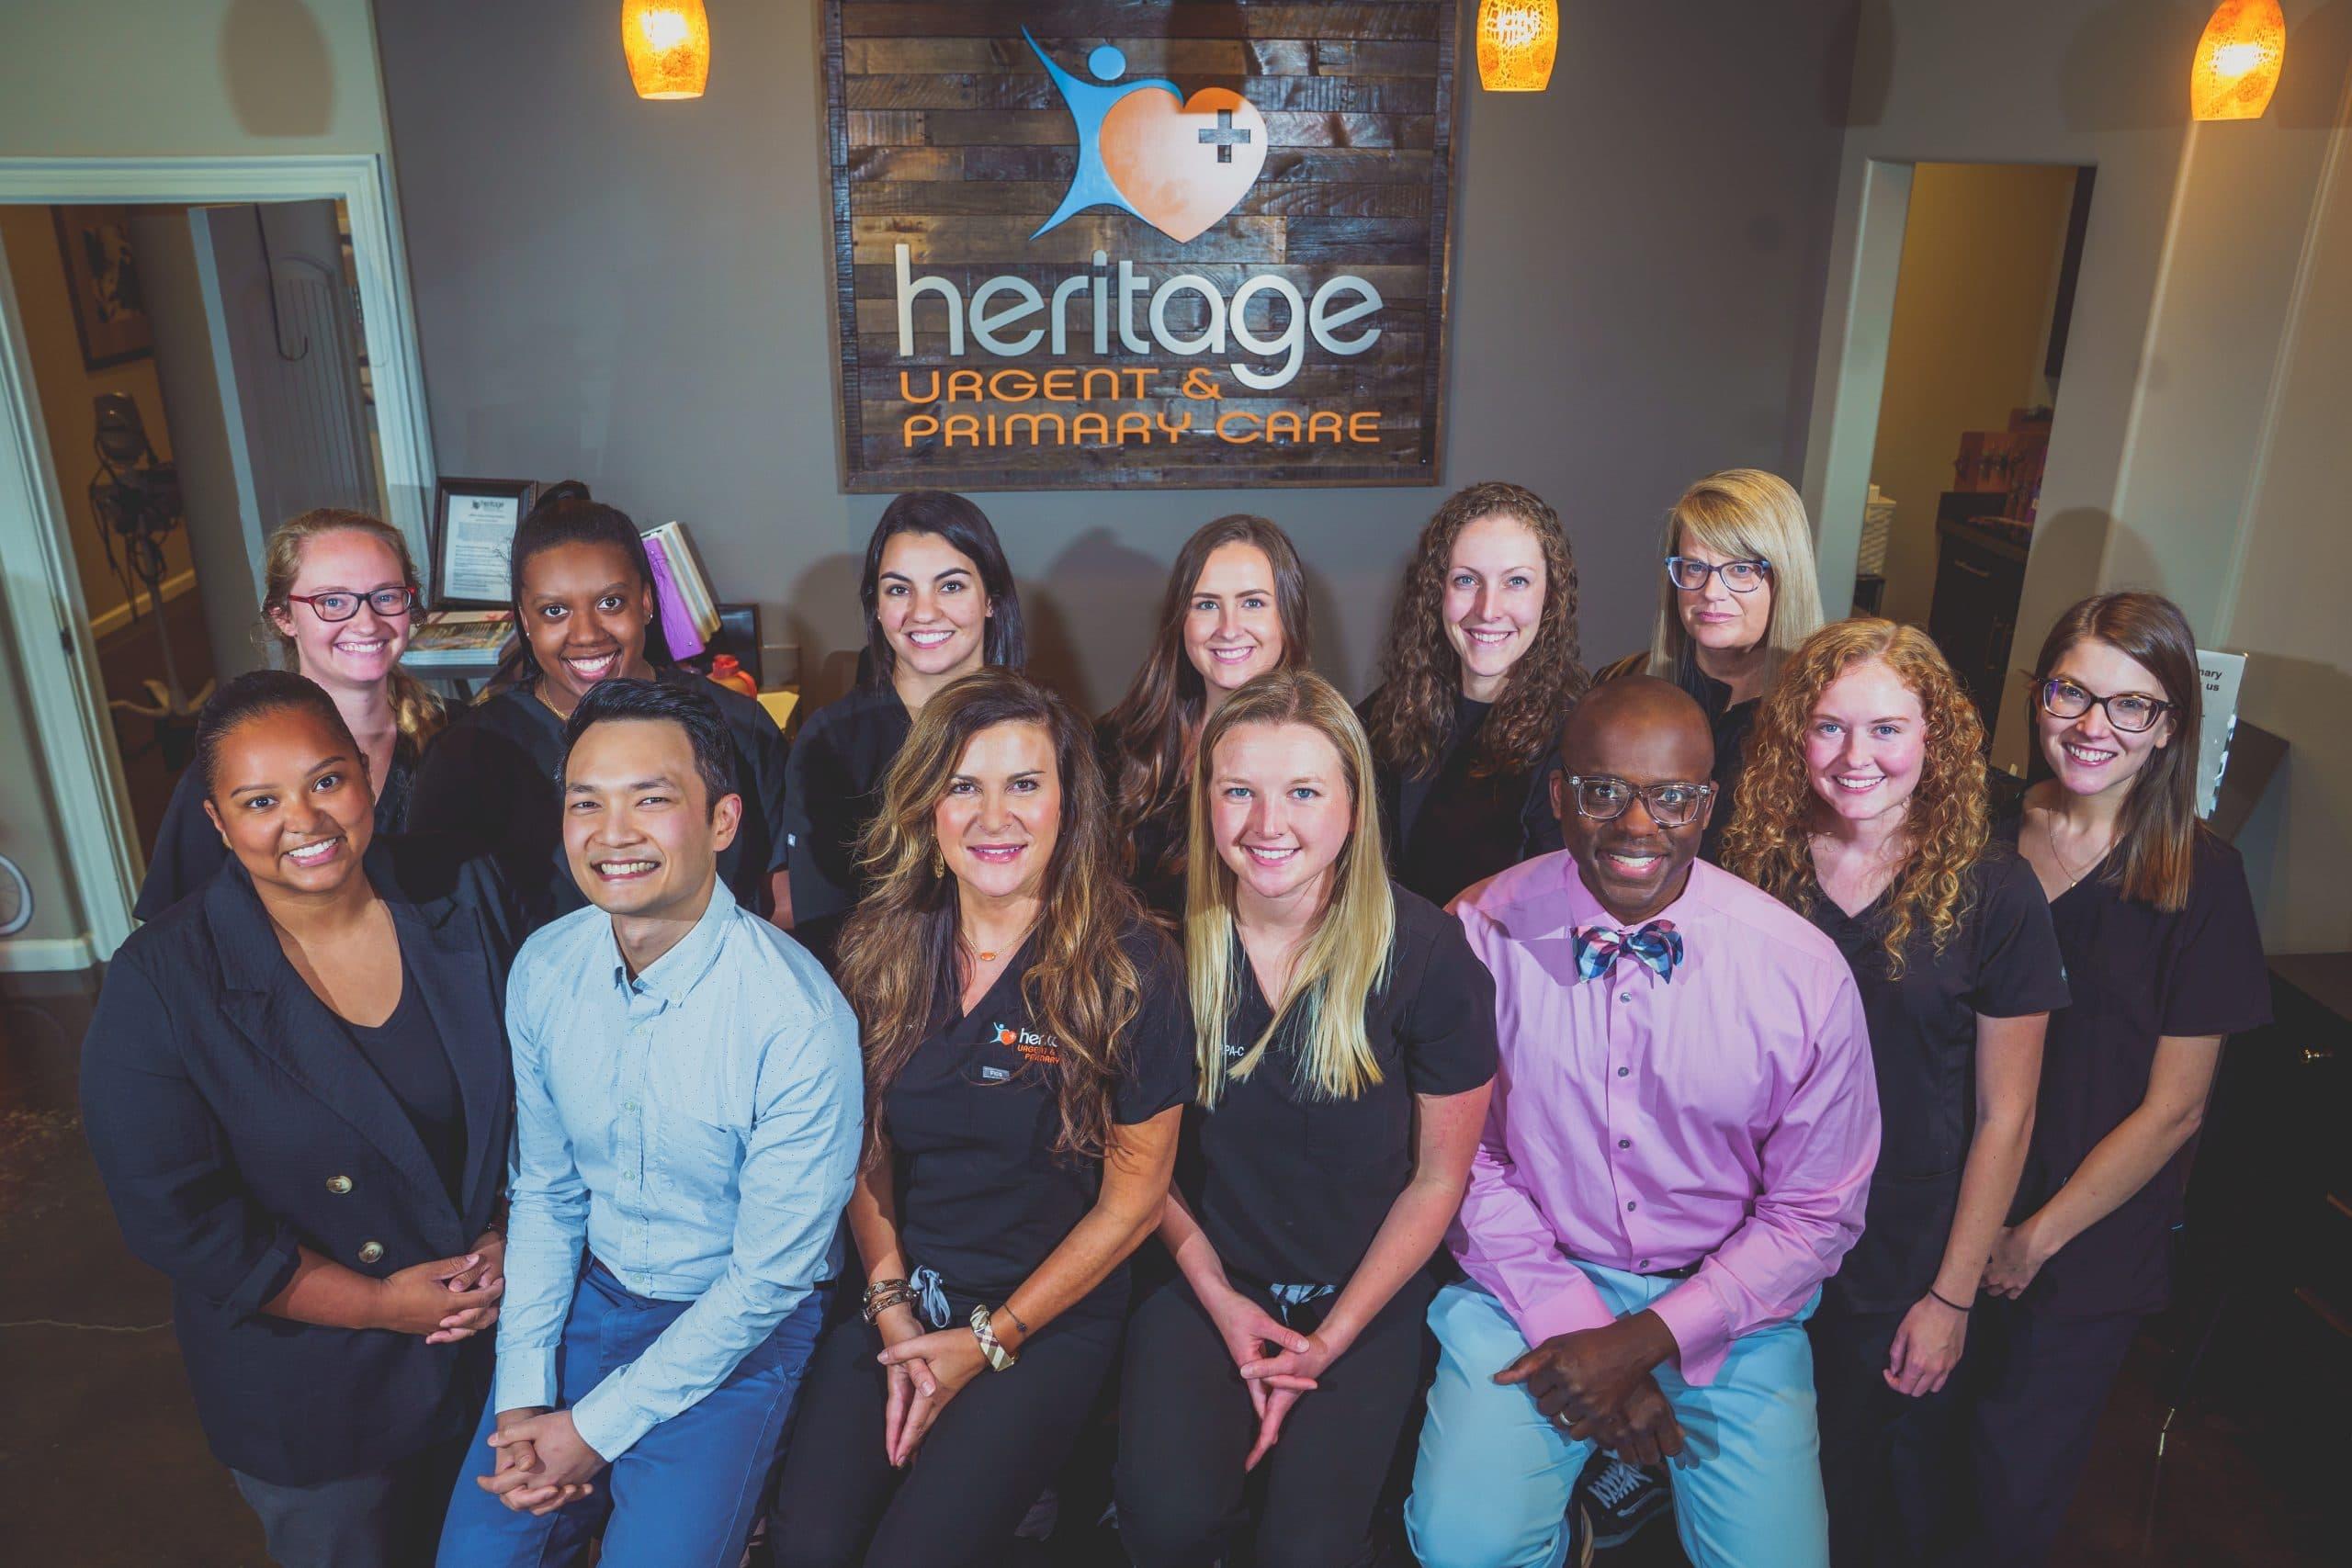 Heritage Urgent Care